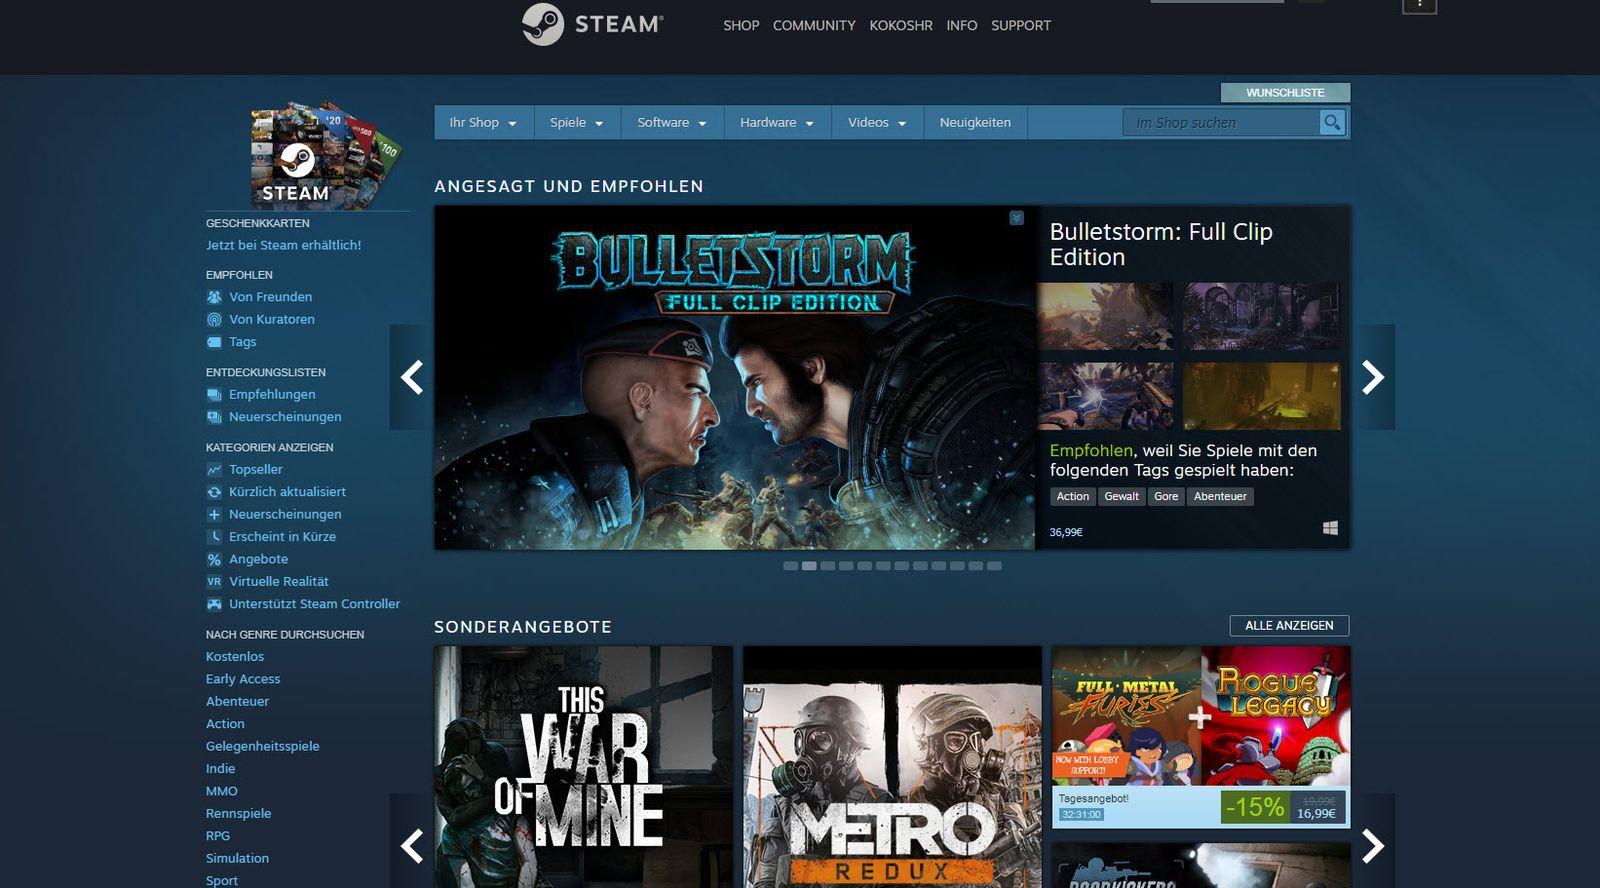 NUR ALS ZITAT Screenshot Steam von Valve